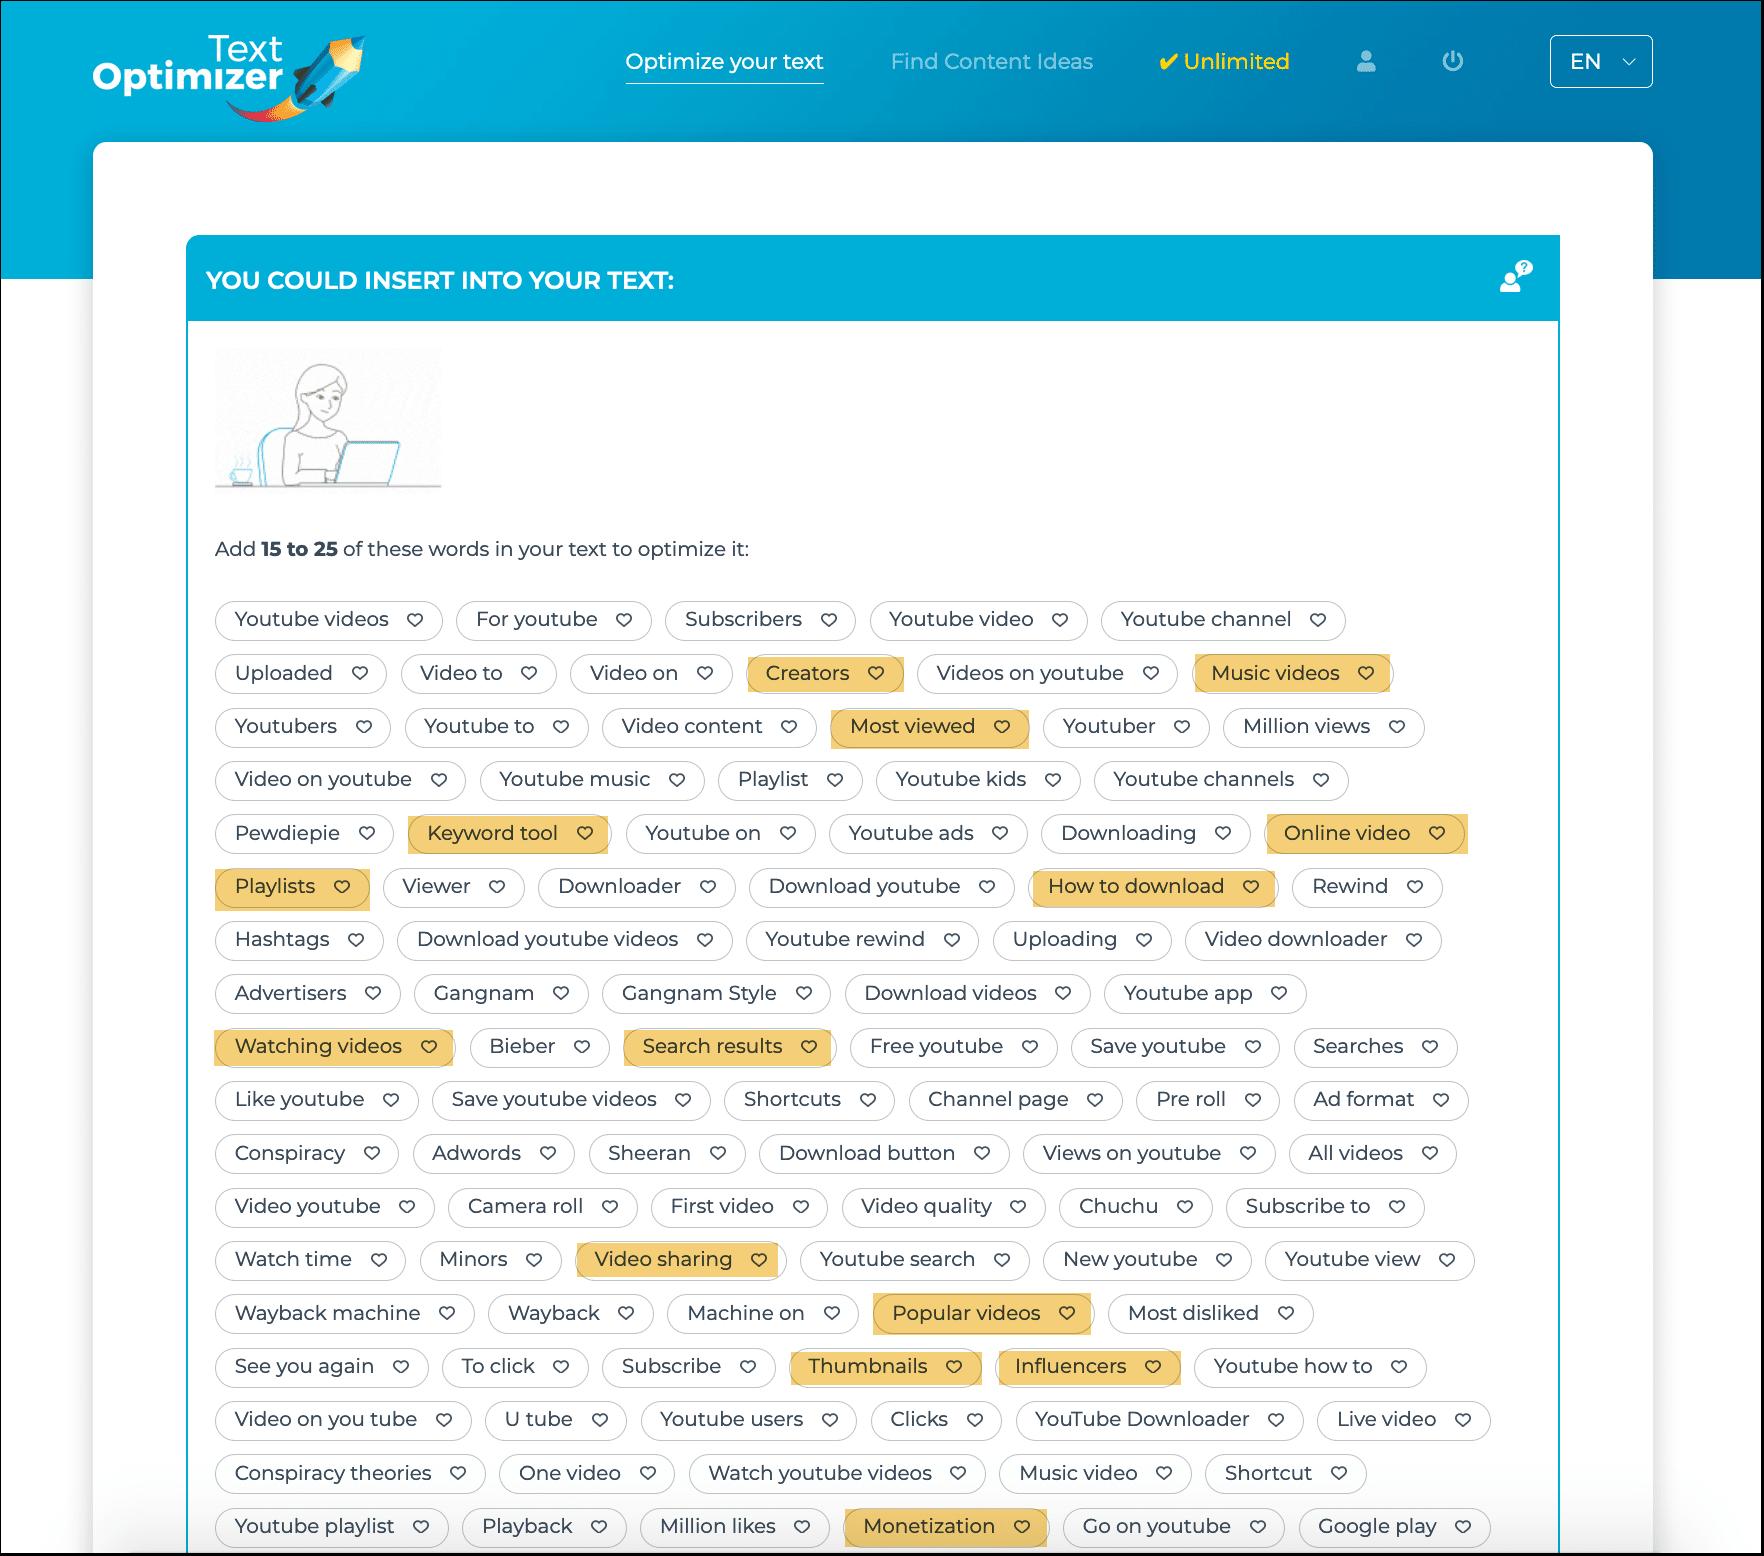 Text Optimizer